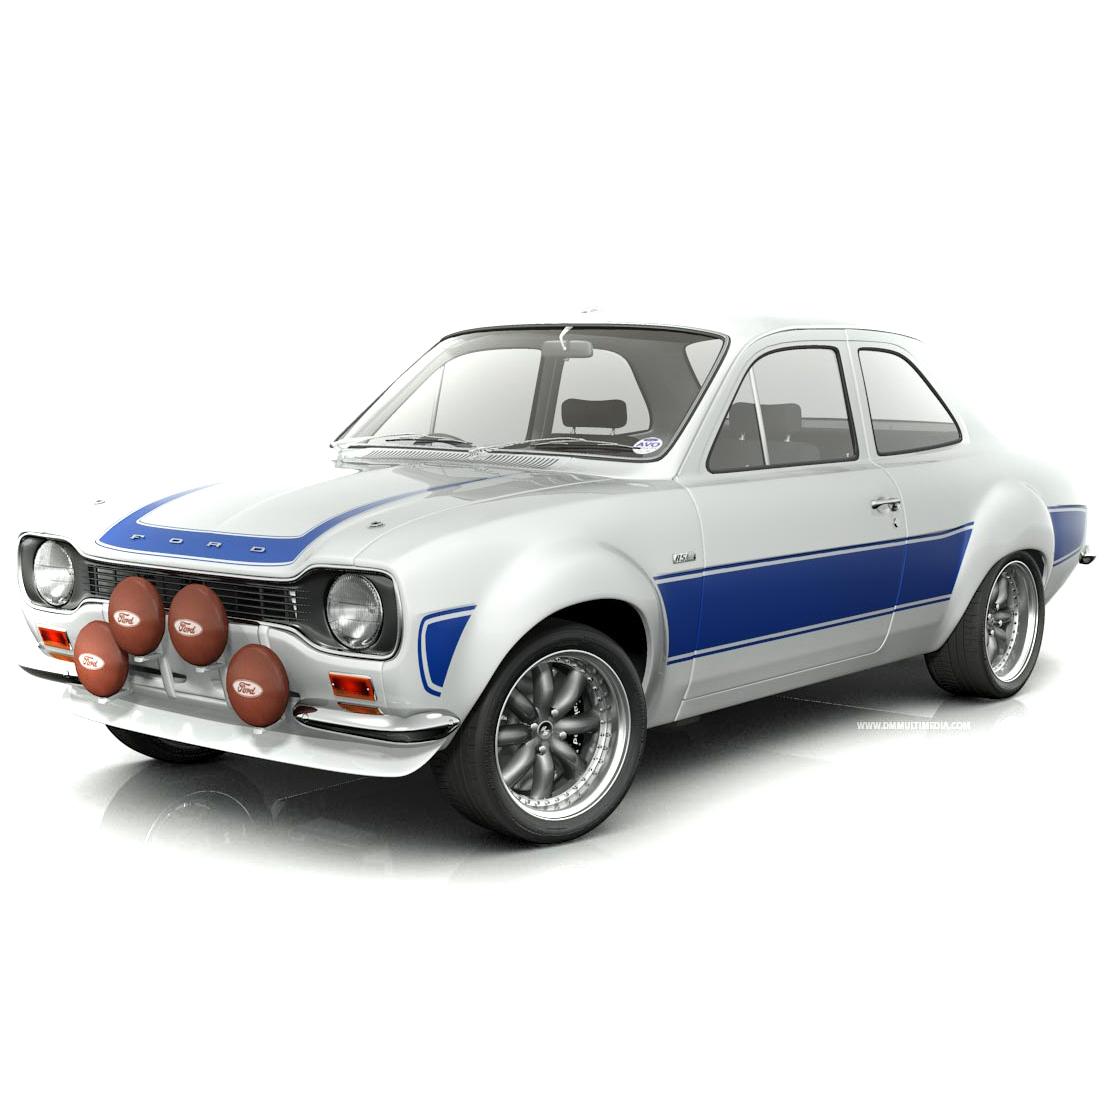 Ford Escort Mk1 1968-1975